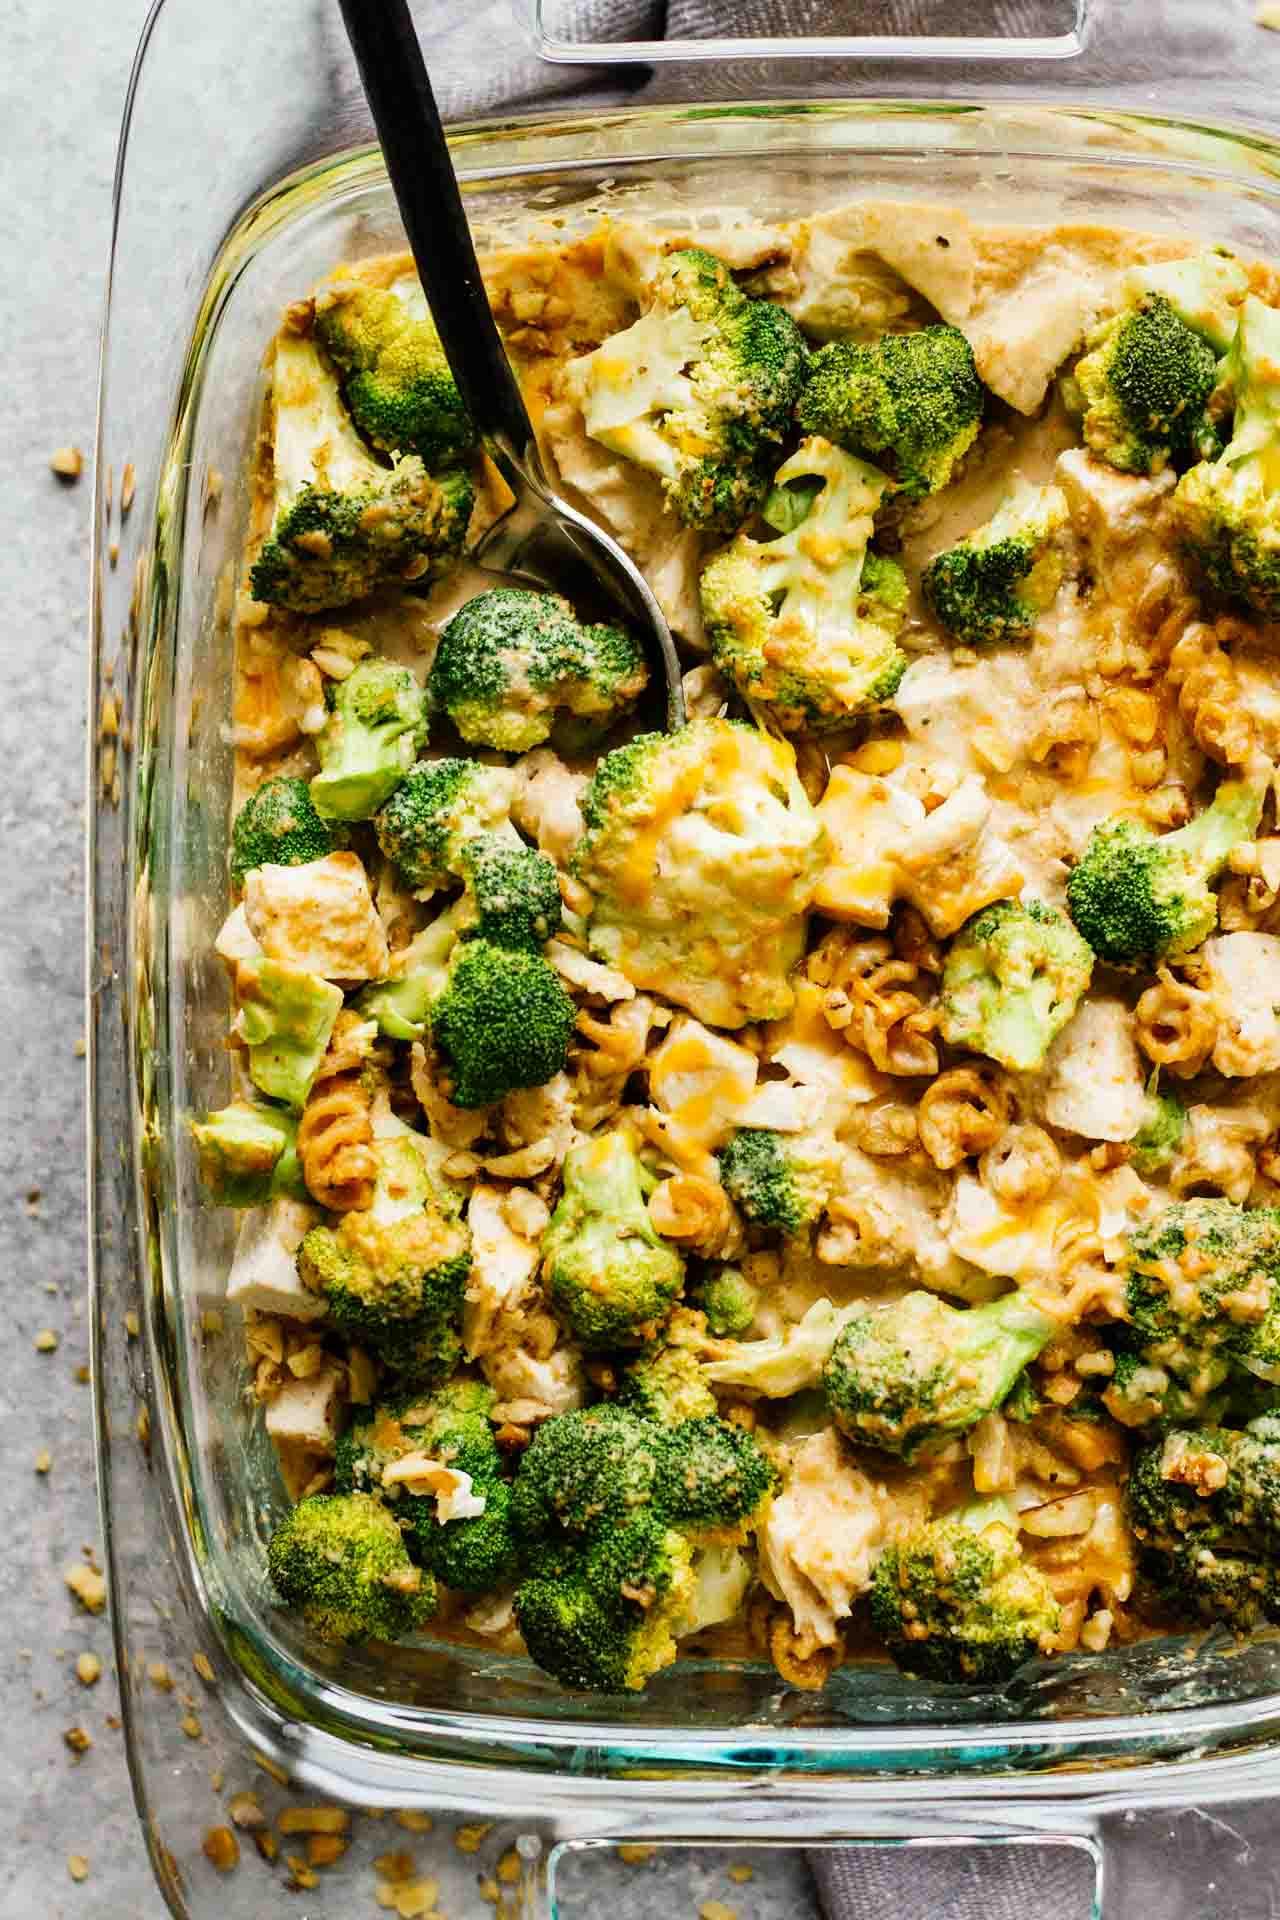 Healthy Broccoli Chicken Casserole  Healthy Chicken Broccoli Pasta Casserole Jar Lemons